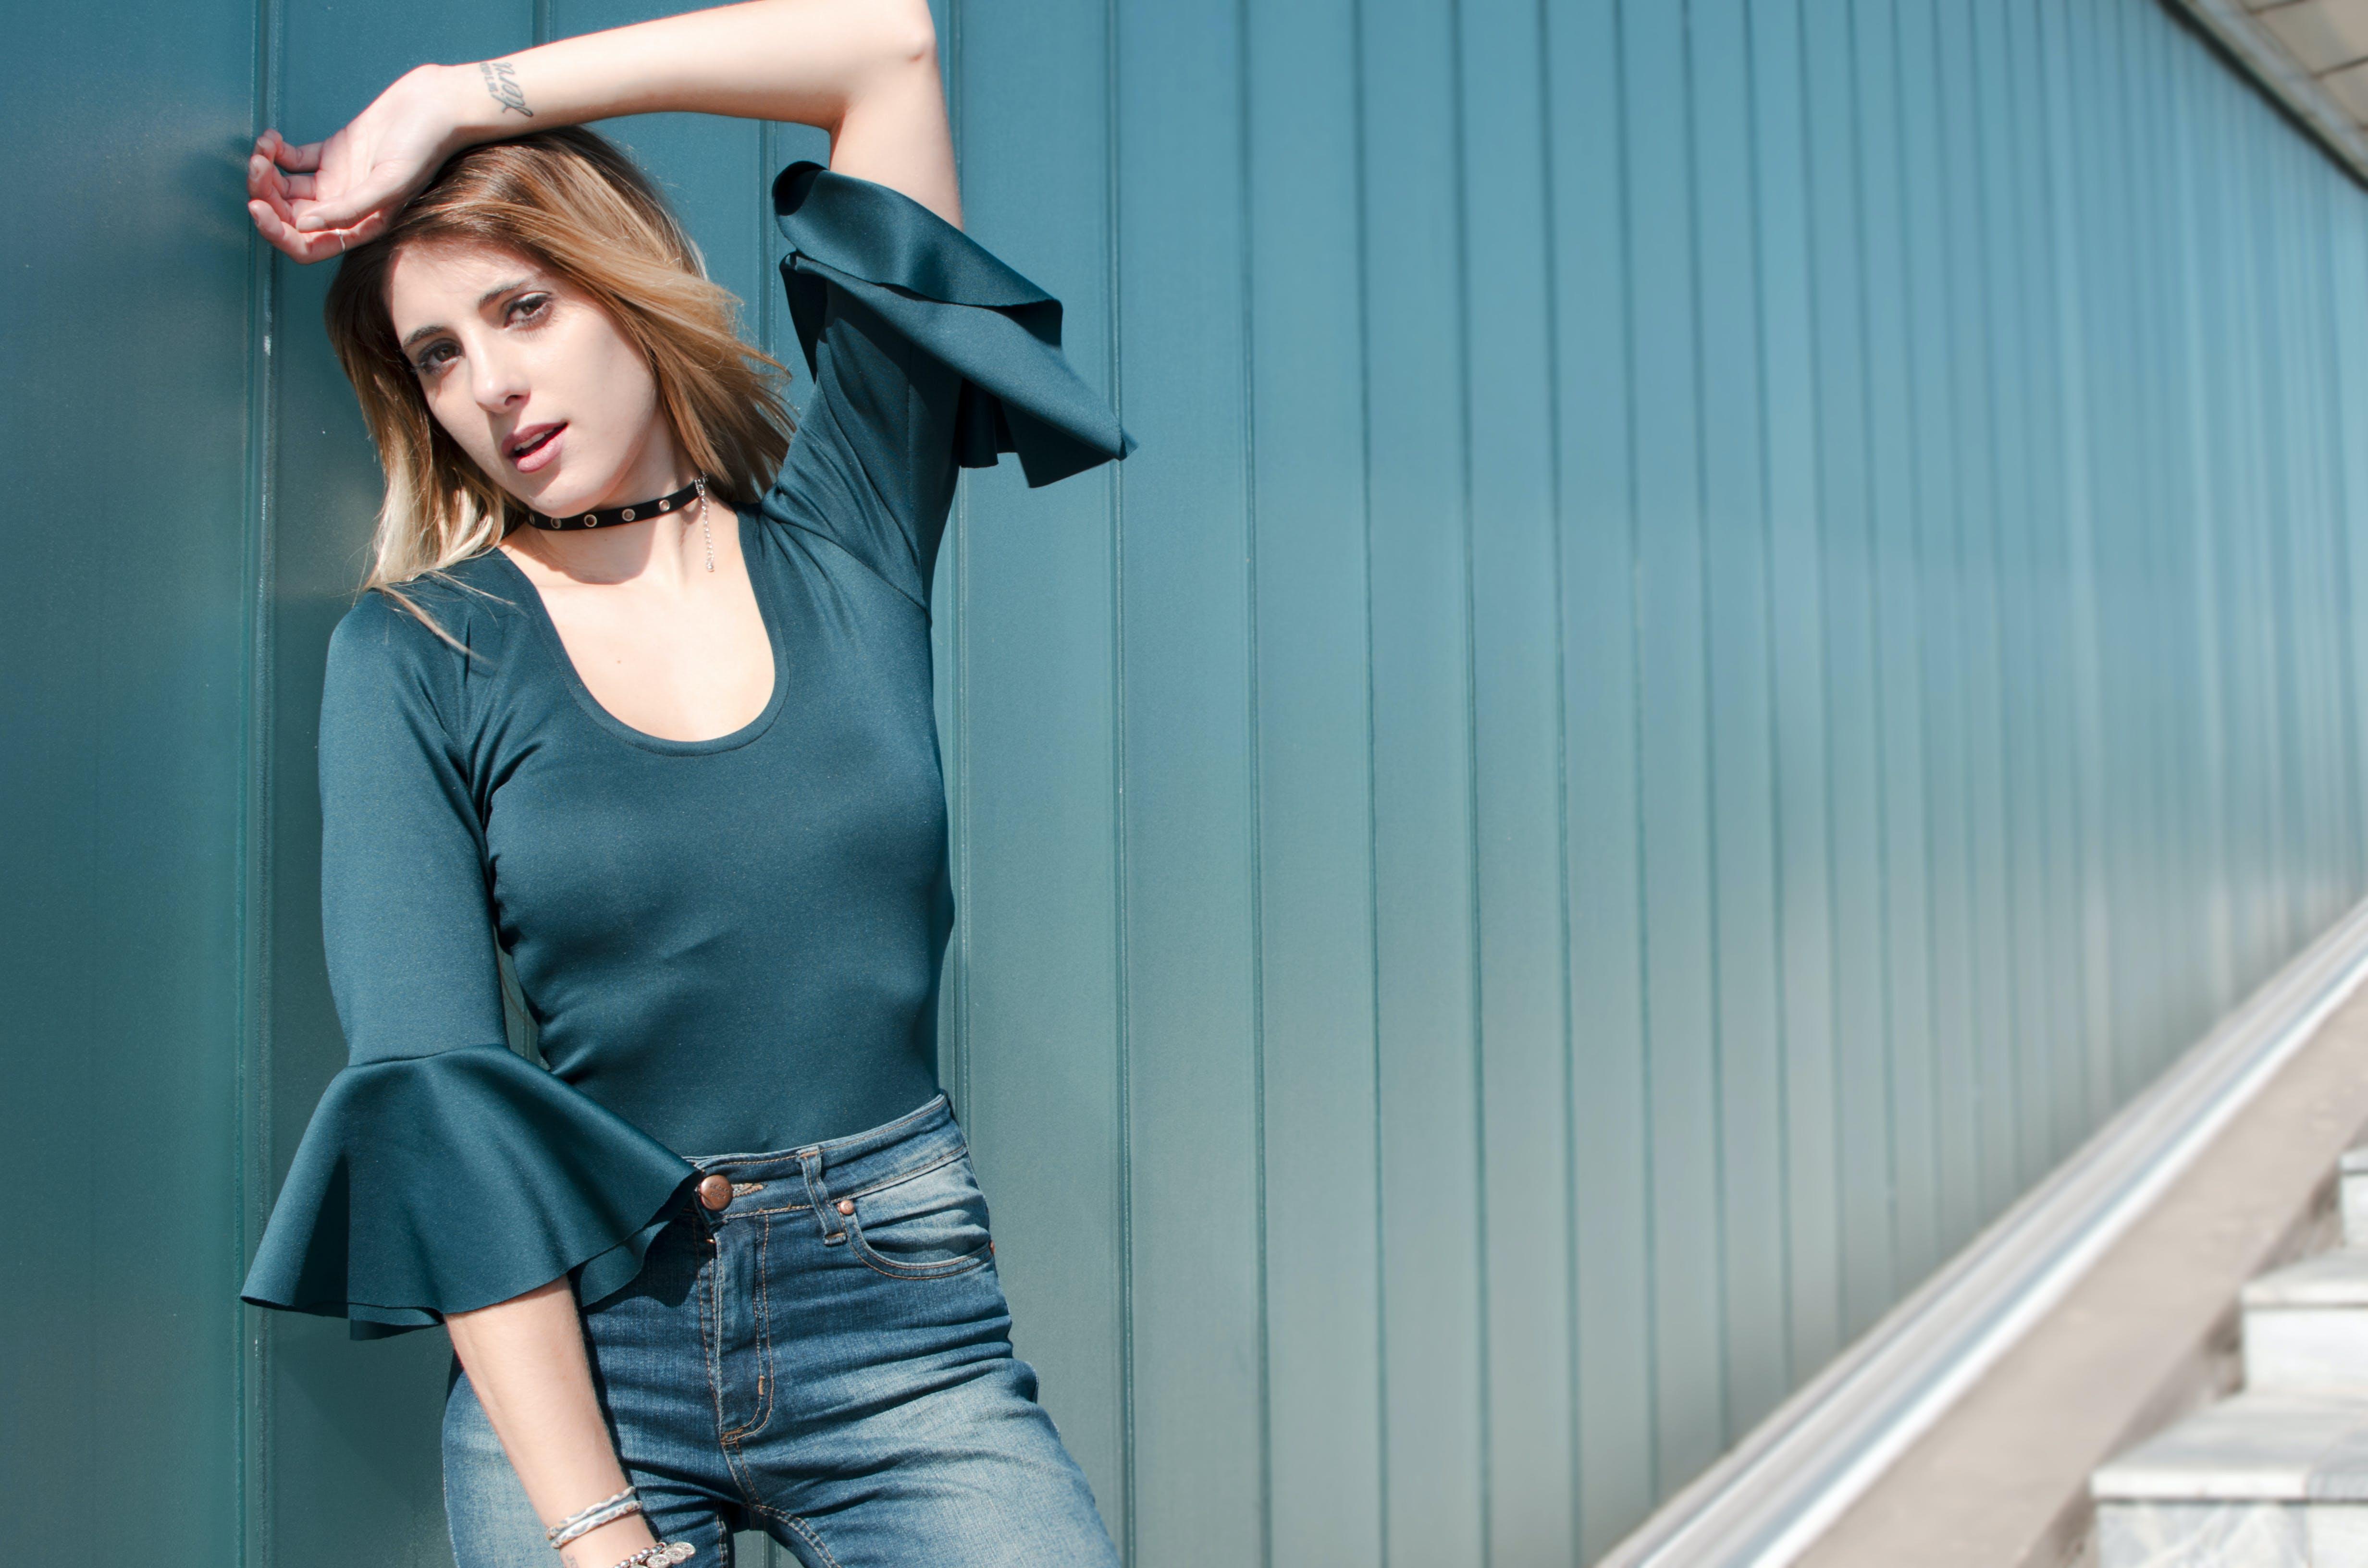 Kostnadsfri bild av blå, blond, fotografering, glamour